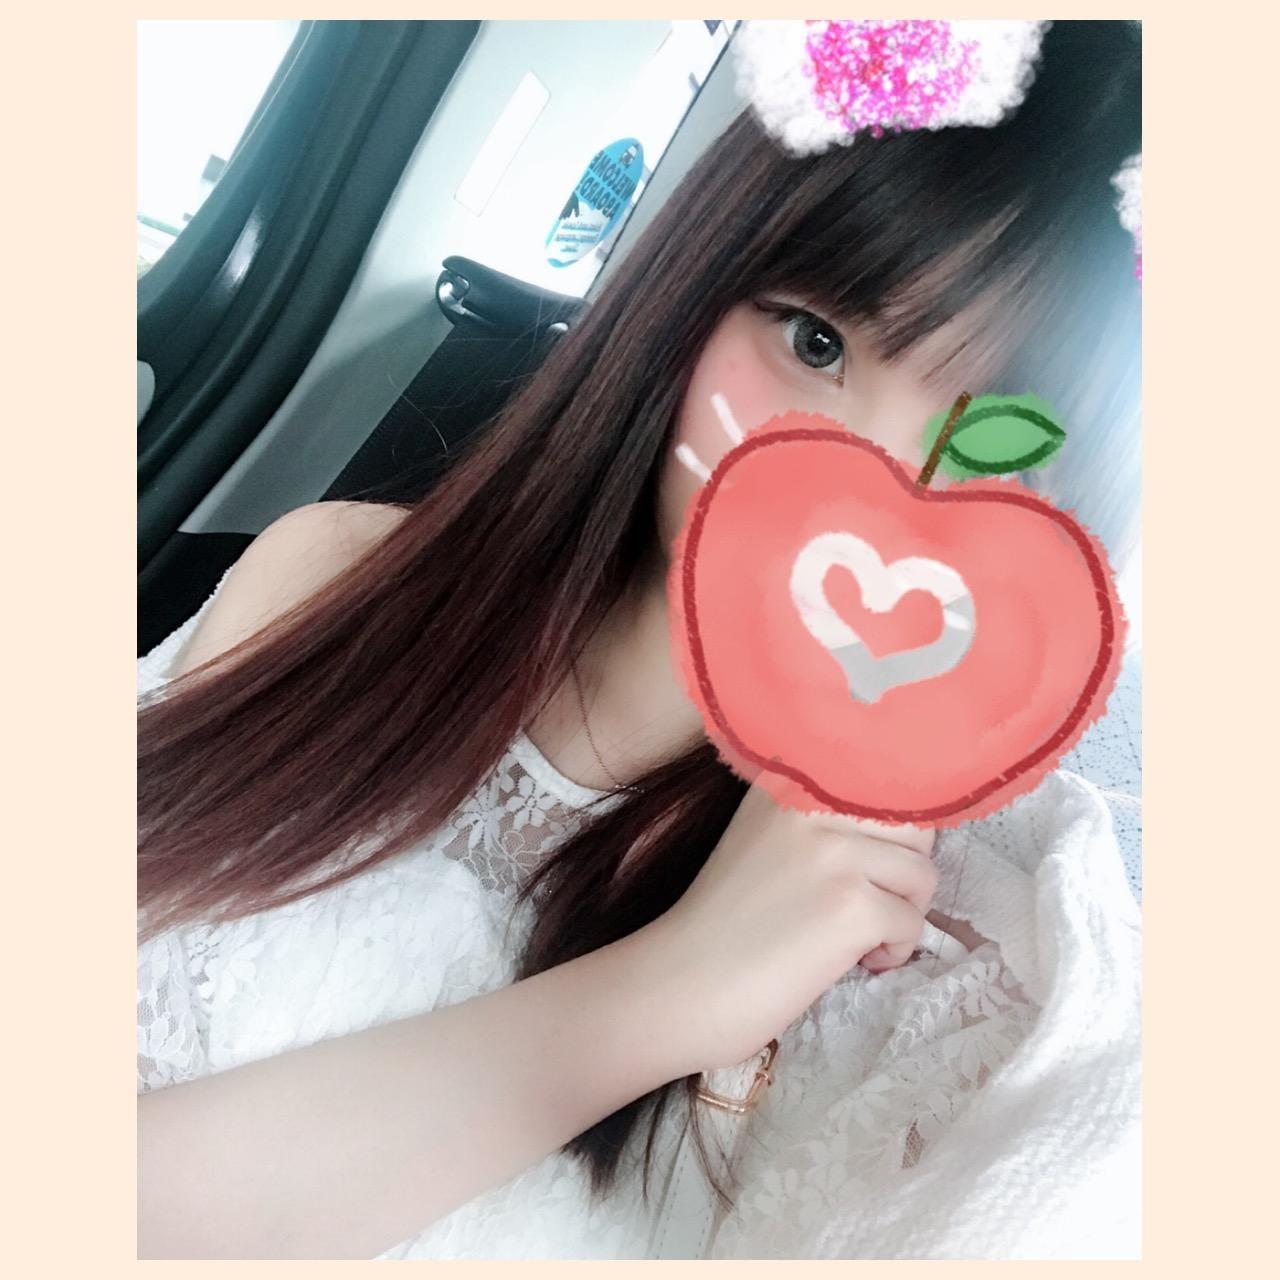 「おれい〜」06/04(06/04) 00:15 | かなでの写メ・風俗動画